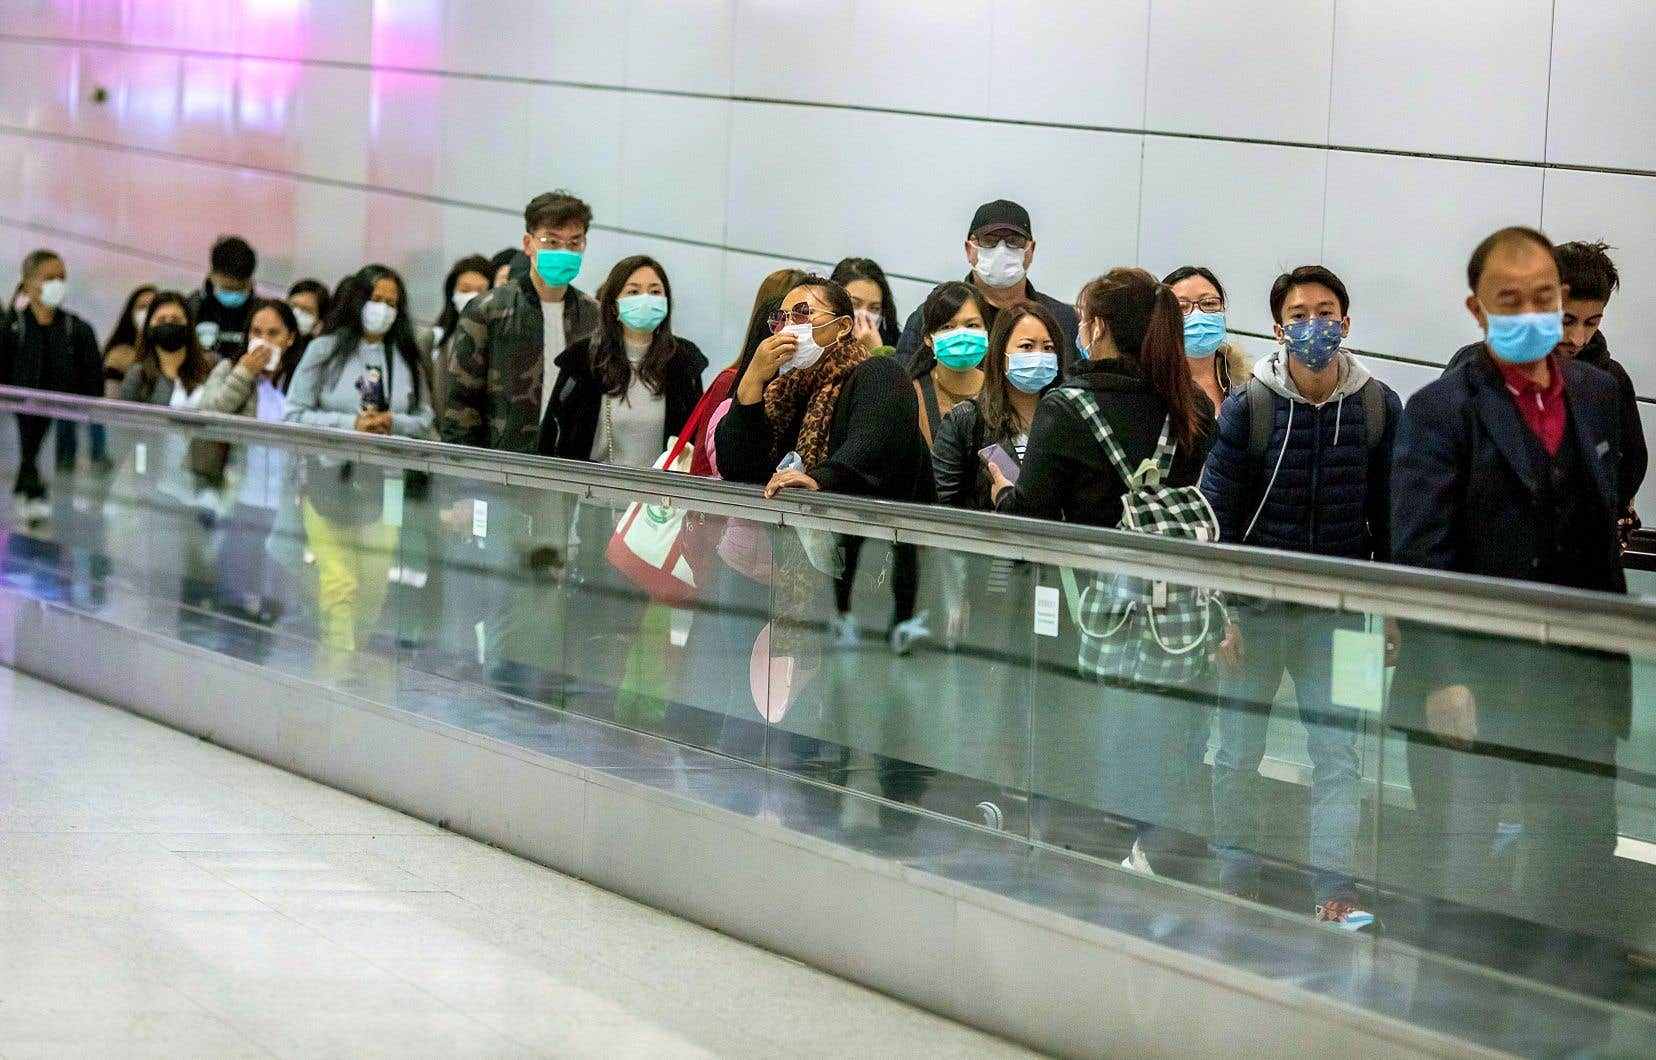 Des voyageurs dans une station de train à Hong Kong pendant les célébrations du Nouvel An chinois.